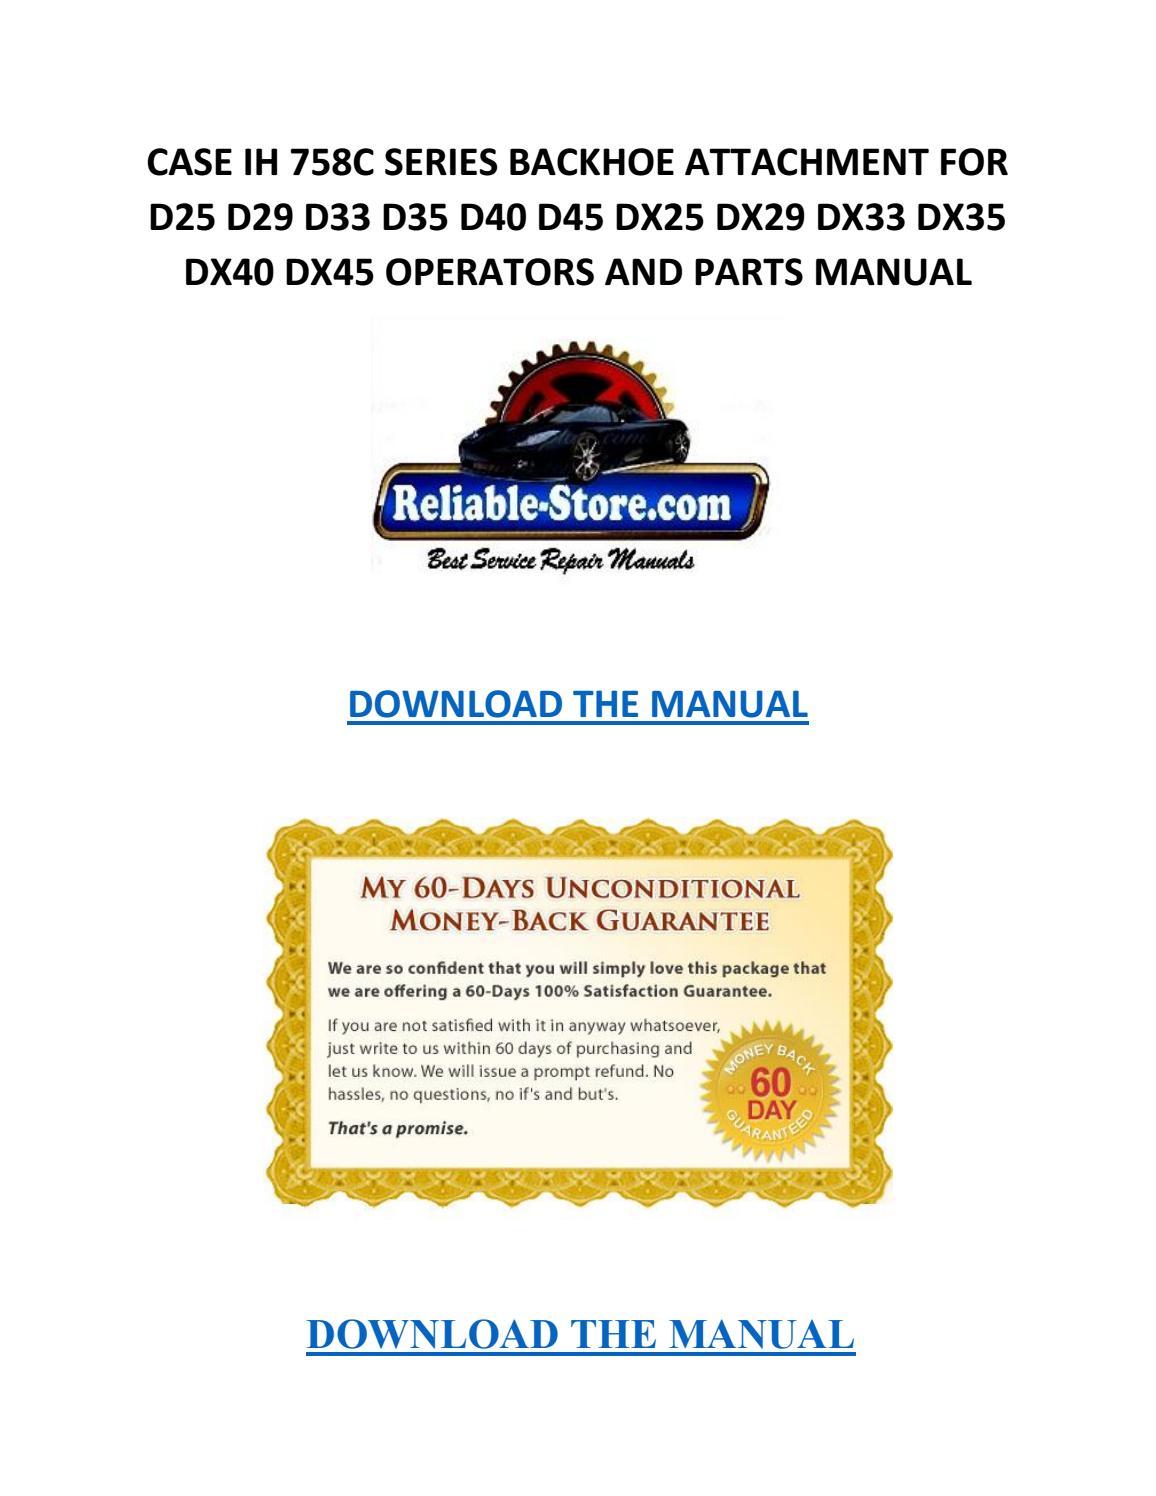 Case ih 758c series backhoe attachment for d25 d29 d33 d35 d40 d45 dx25  dx29 dx33 dx35 dx40 dx45 ope by Willie Blakely - issuu